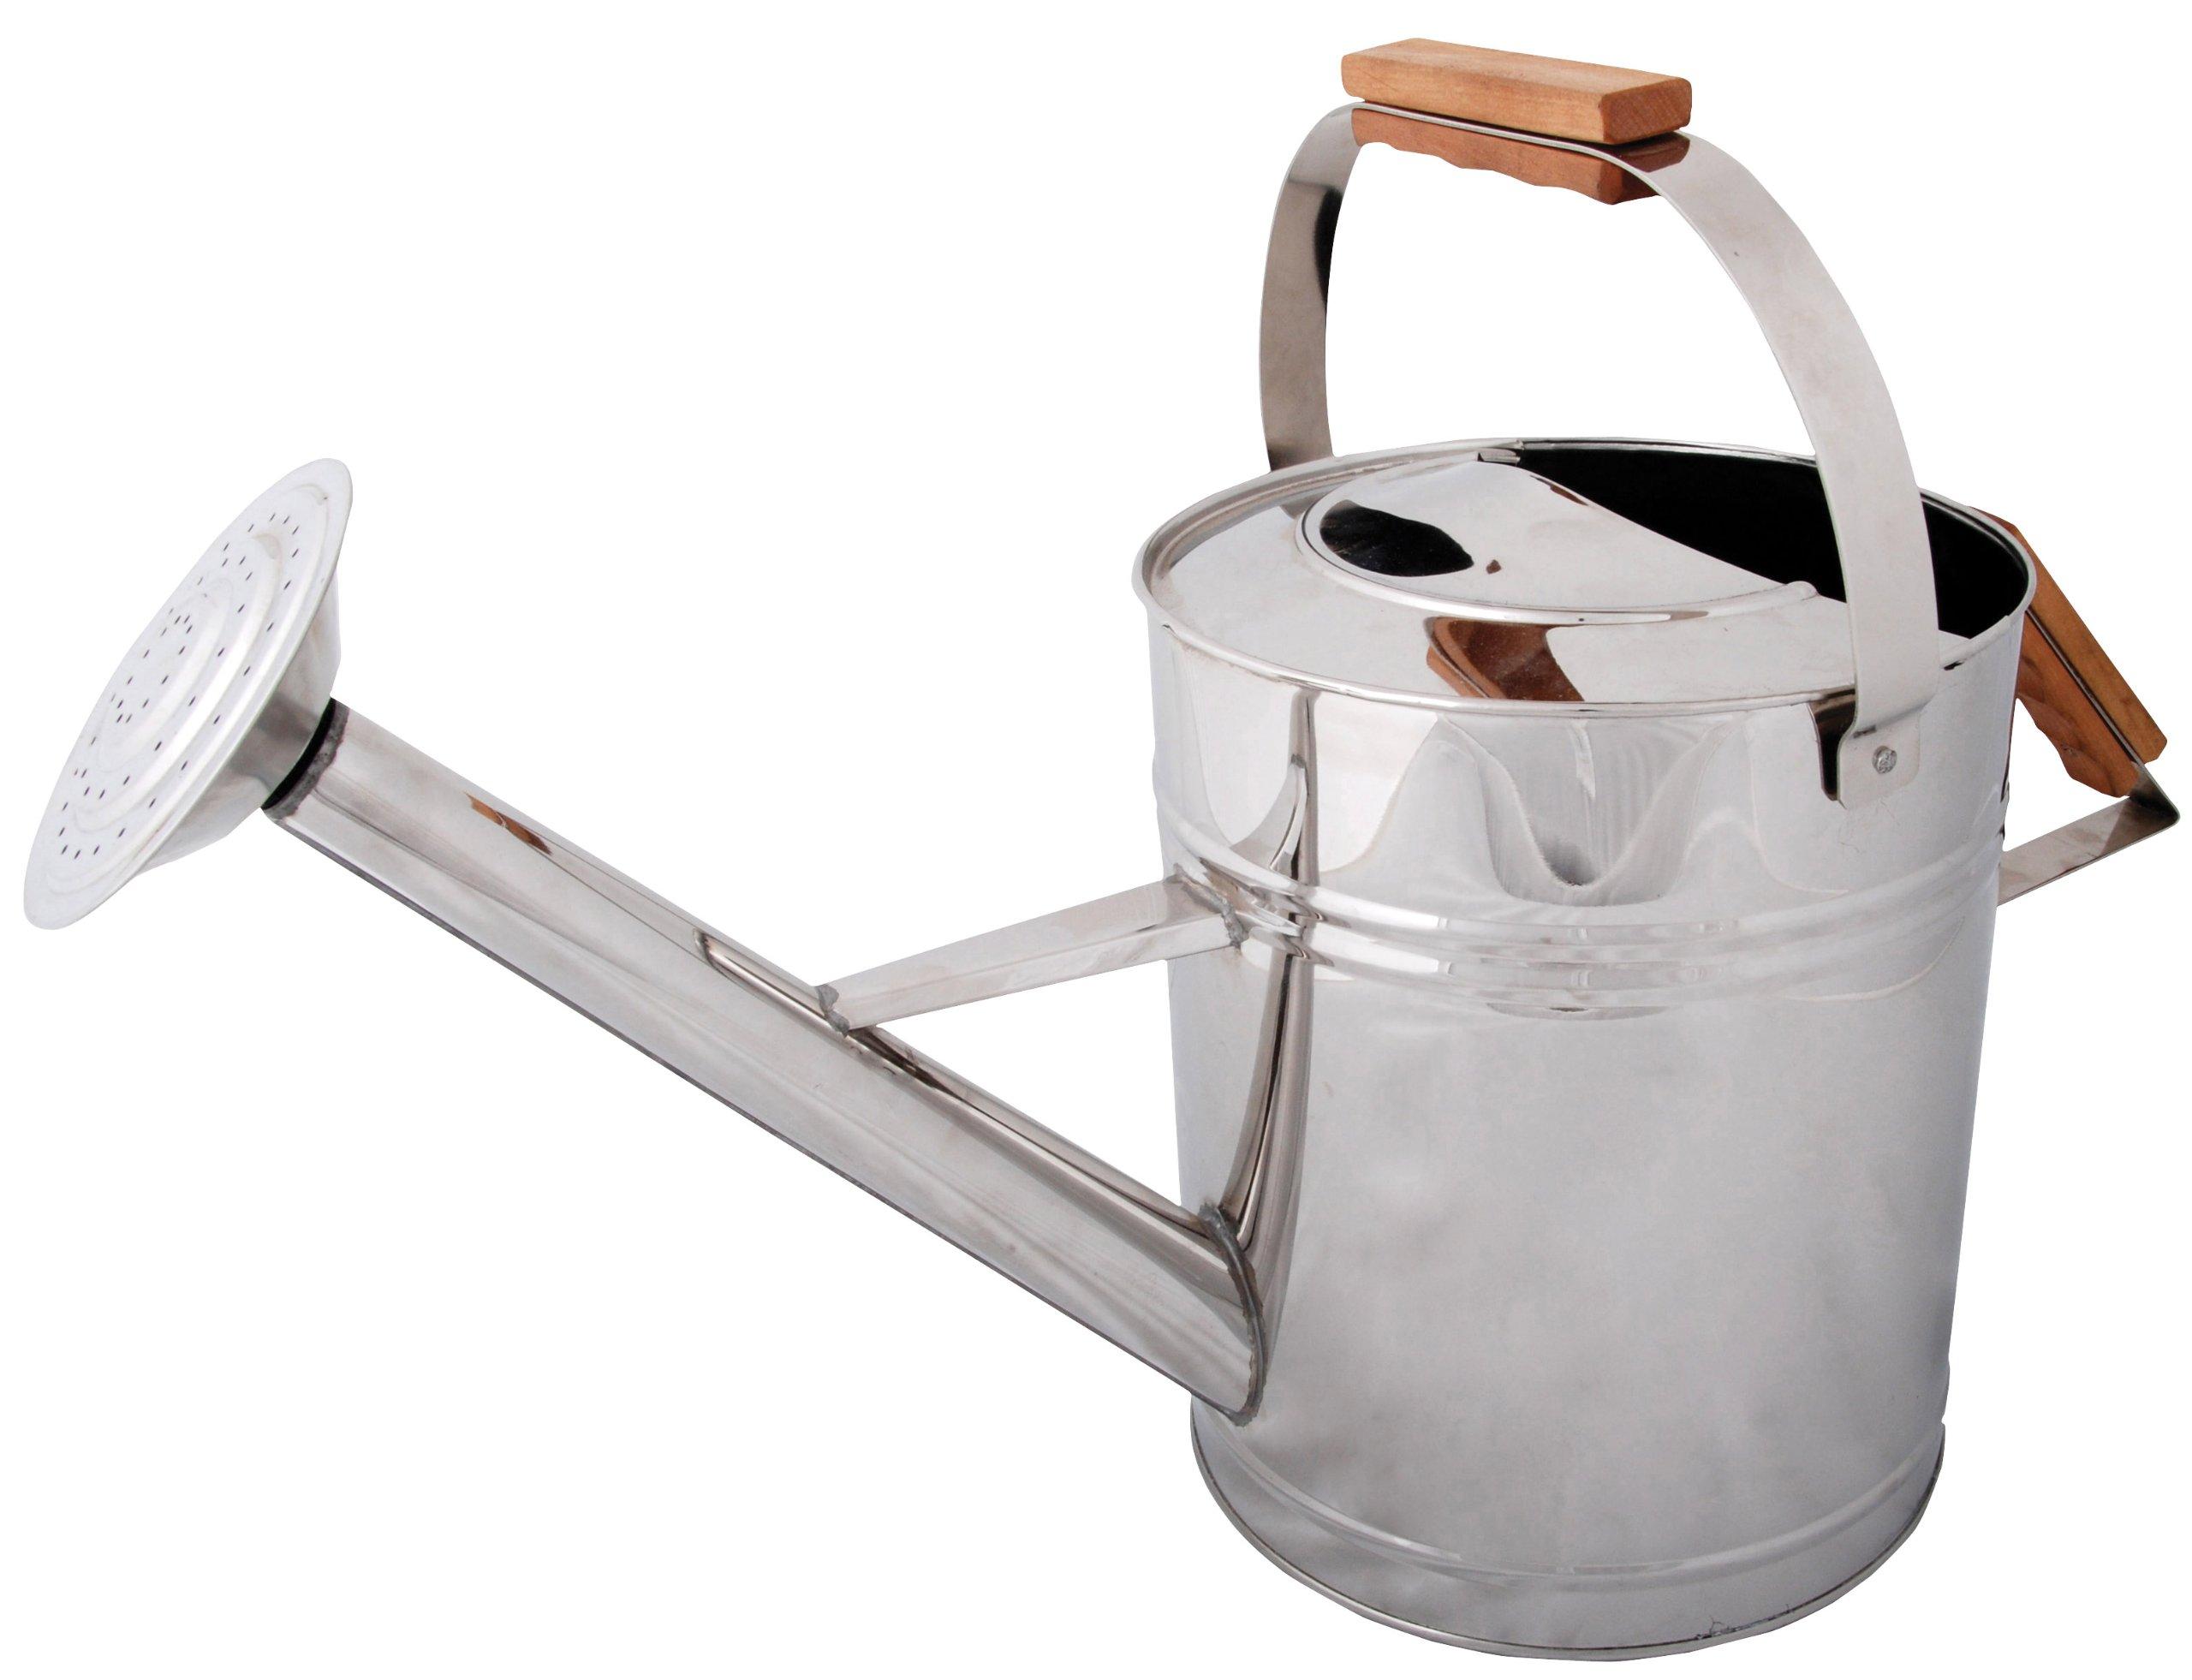 Esschert Design USA GT50 Stainless Steel Watering Can by Esschert Design USA